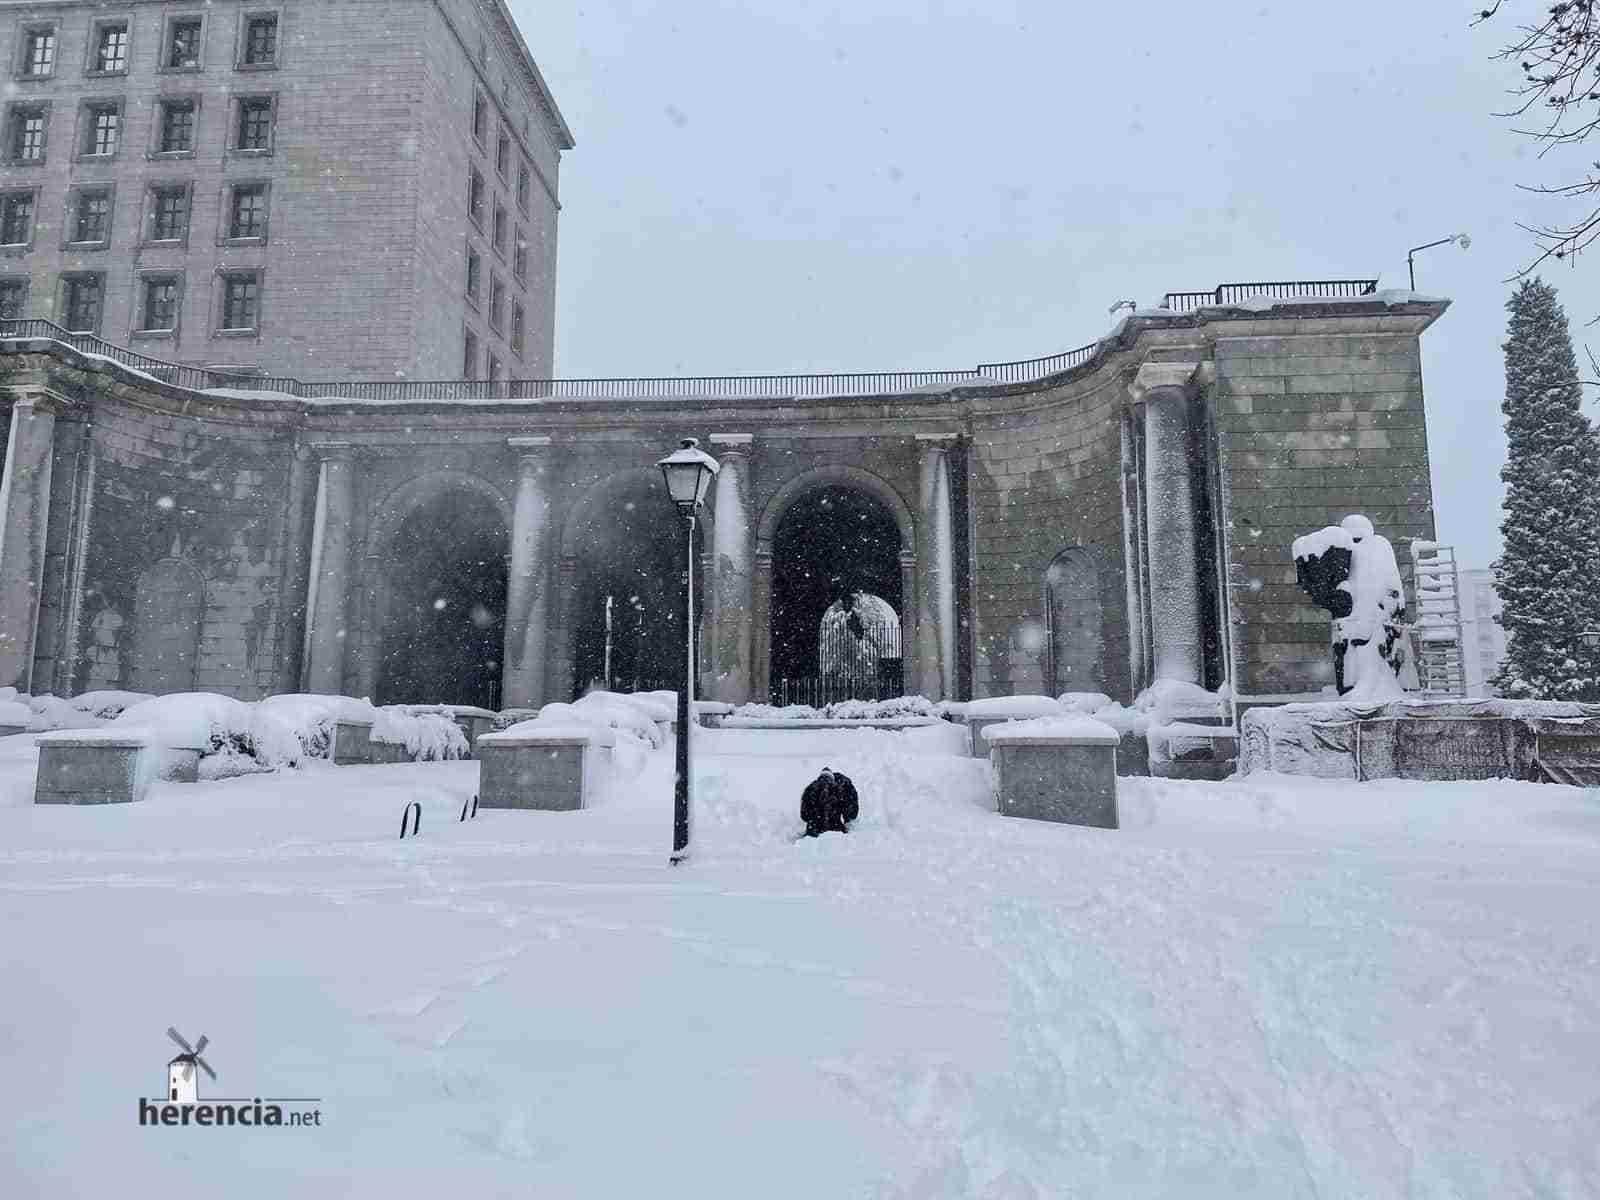 Fotografías de la nevada de enero en Madrid (España) 130